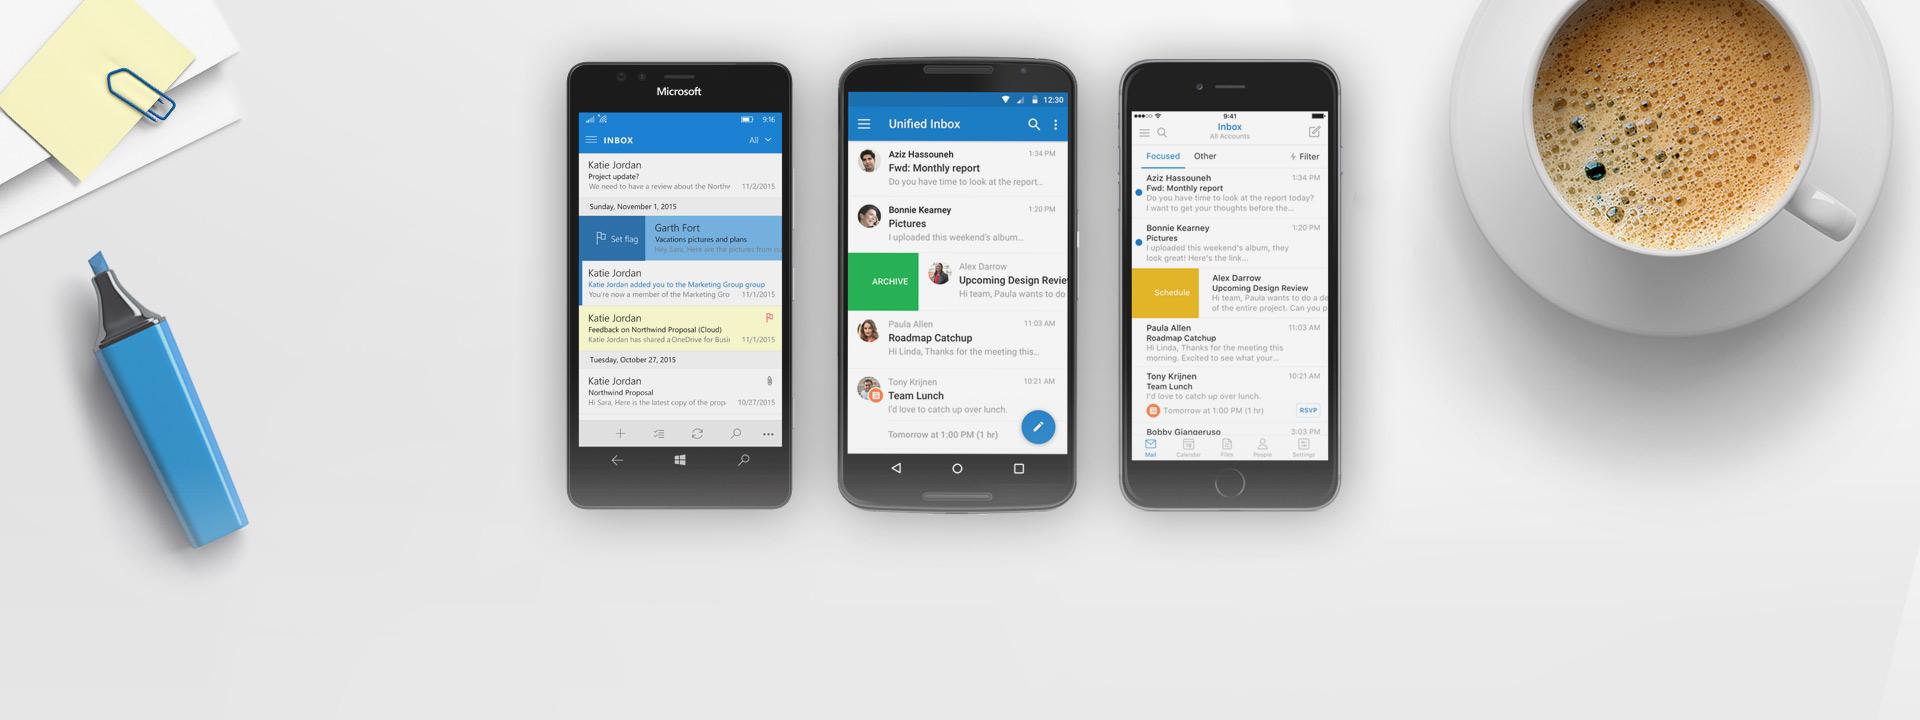 Telefony Windows Phone, iPhone i z systemem Android z aplikacją Outlook na ekranie